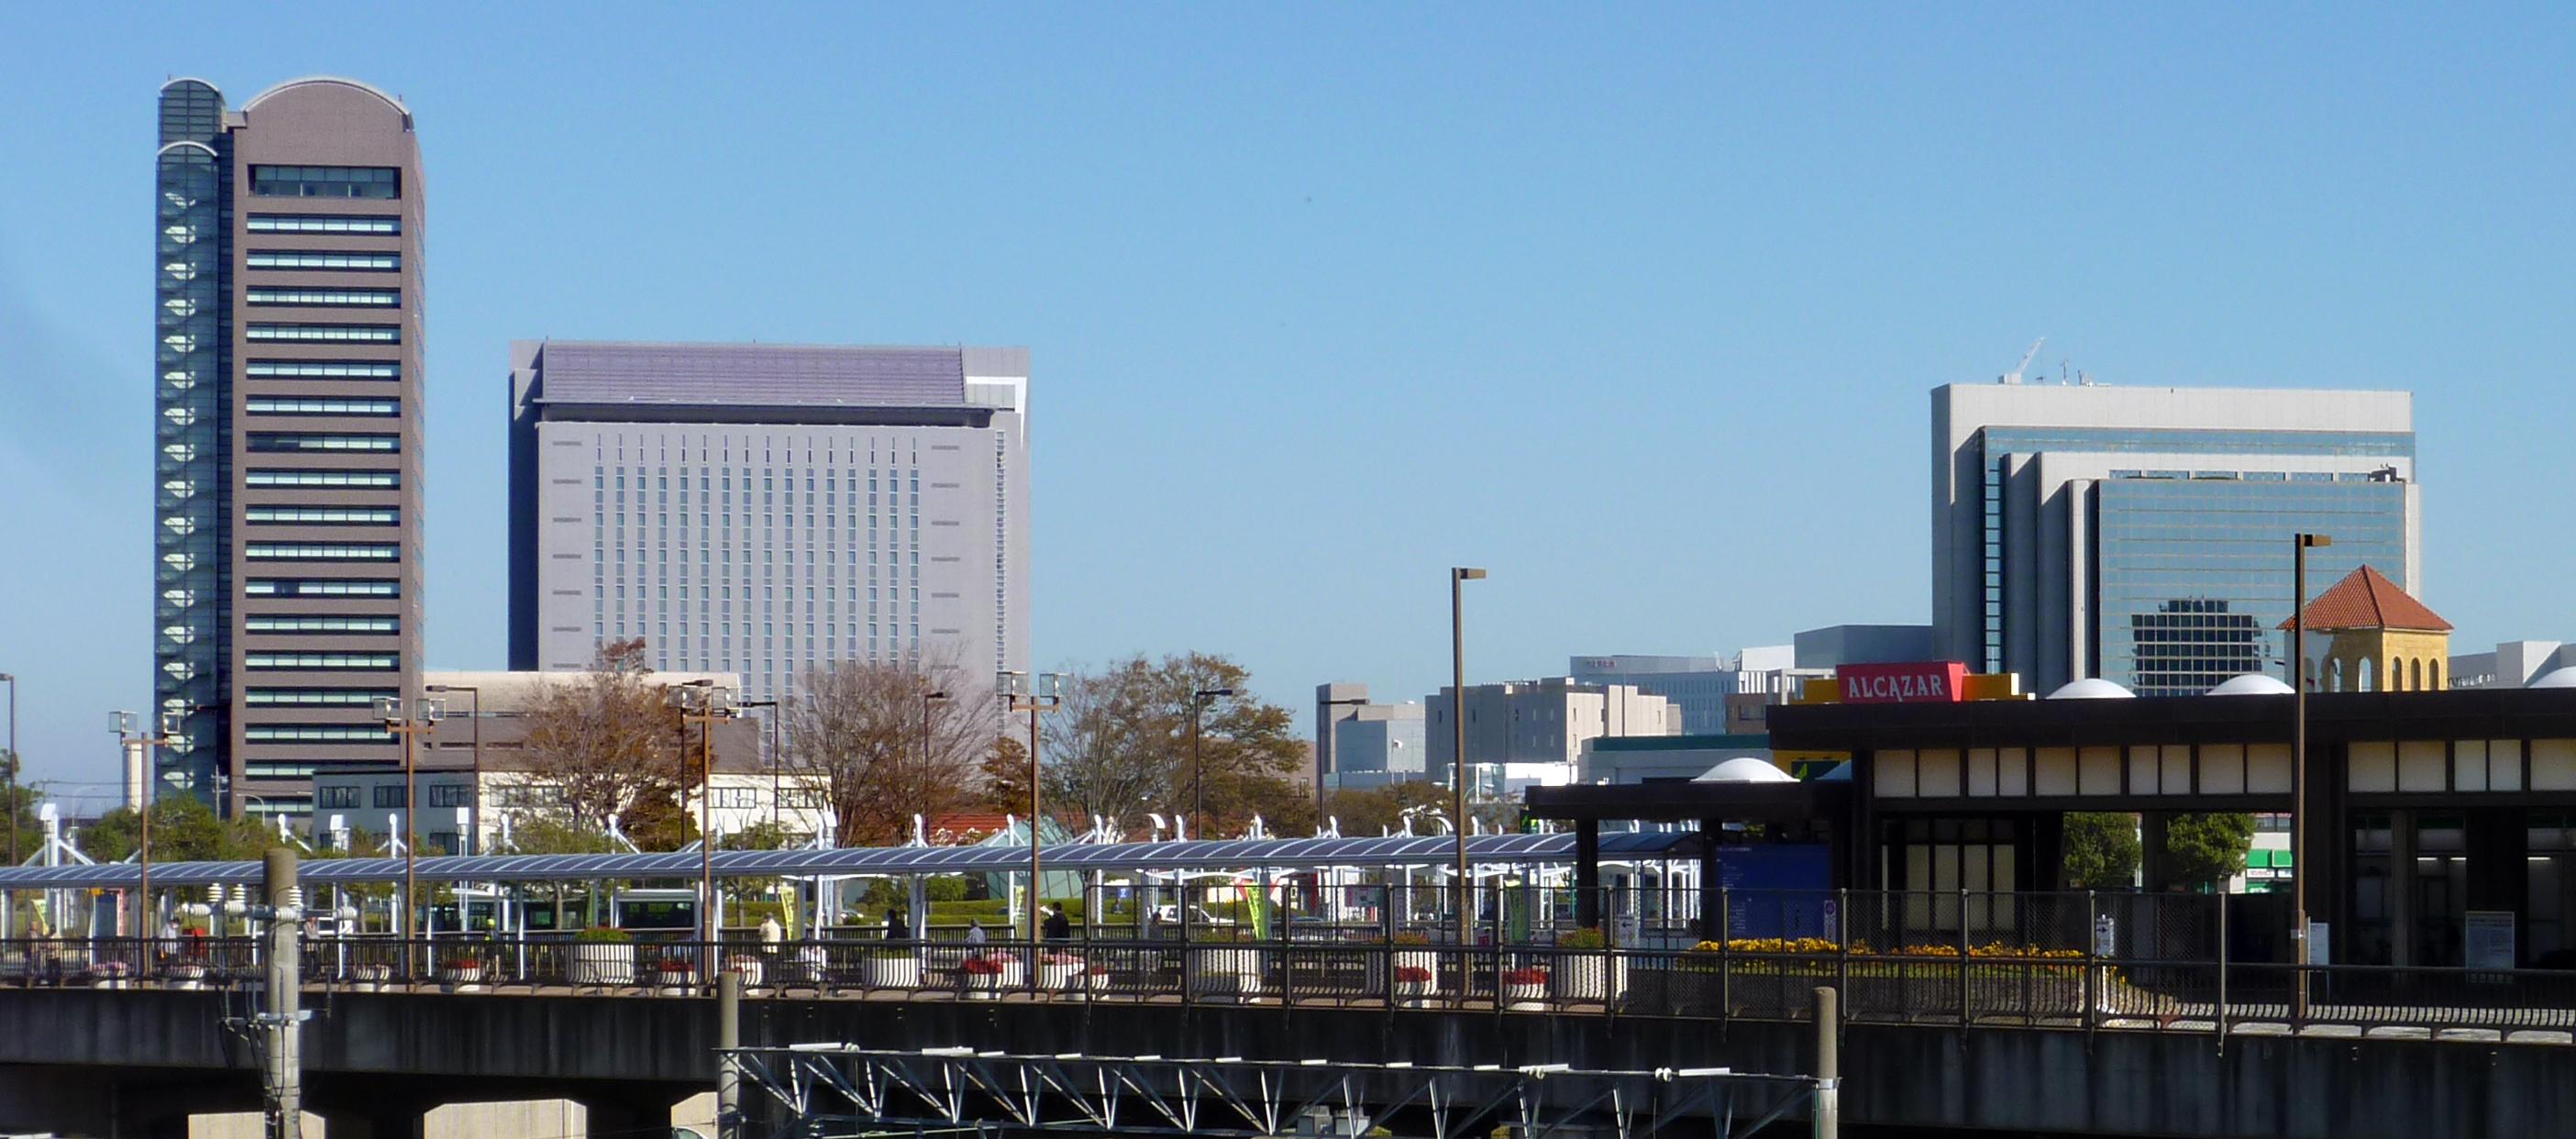 http://upload.wikimedia.org/wikipedia/commons/d/d2/千葉ニュータウン中央駅 ...